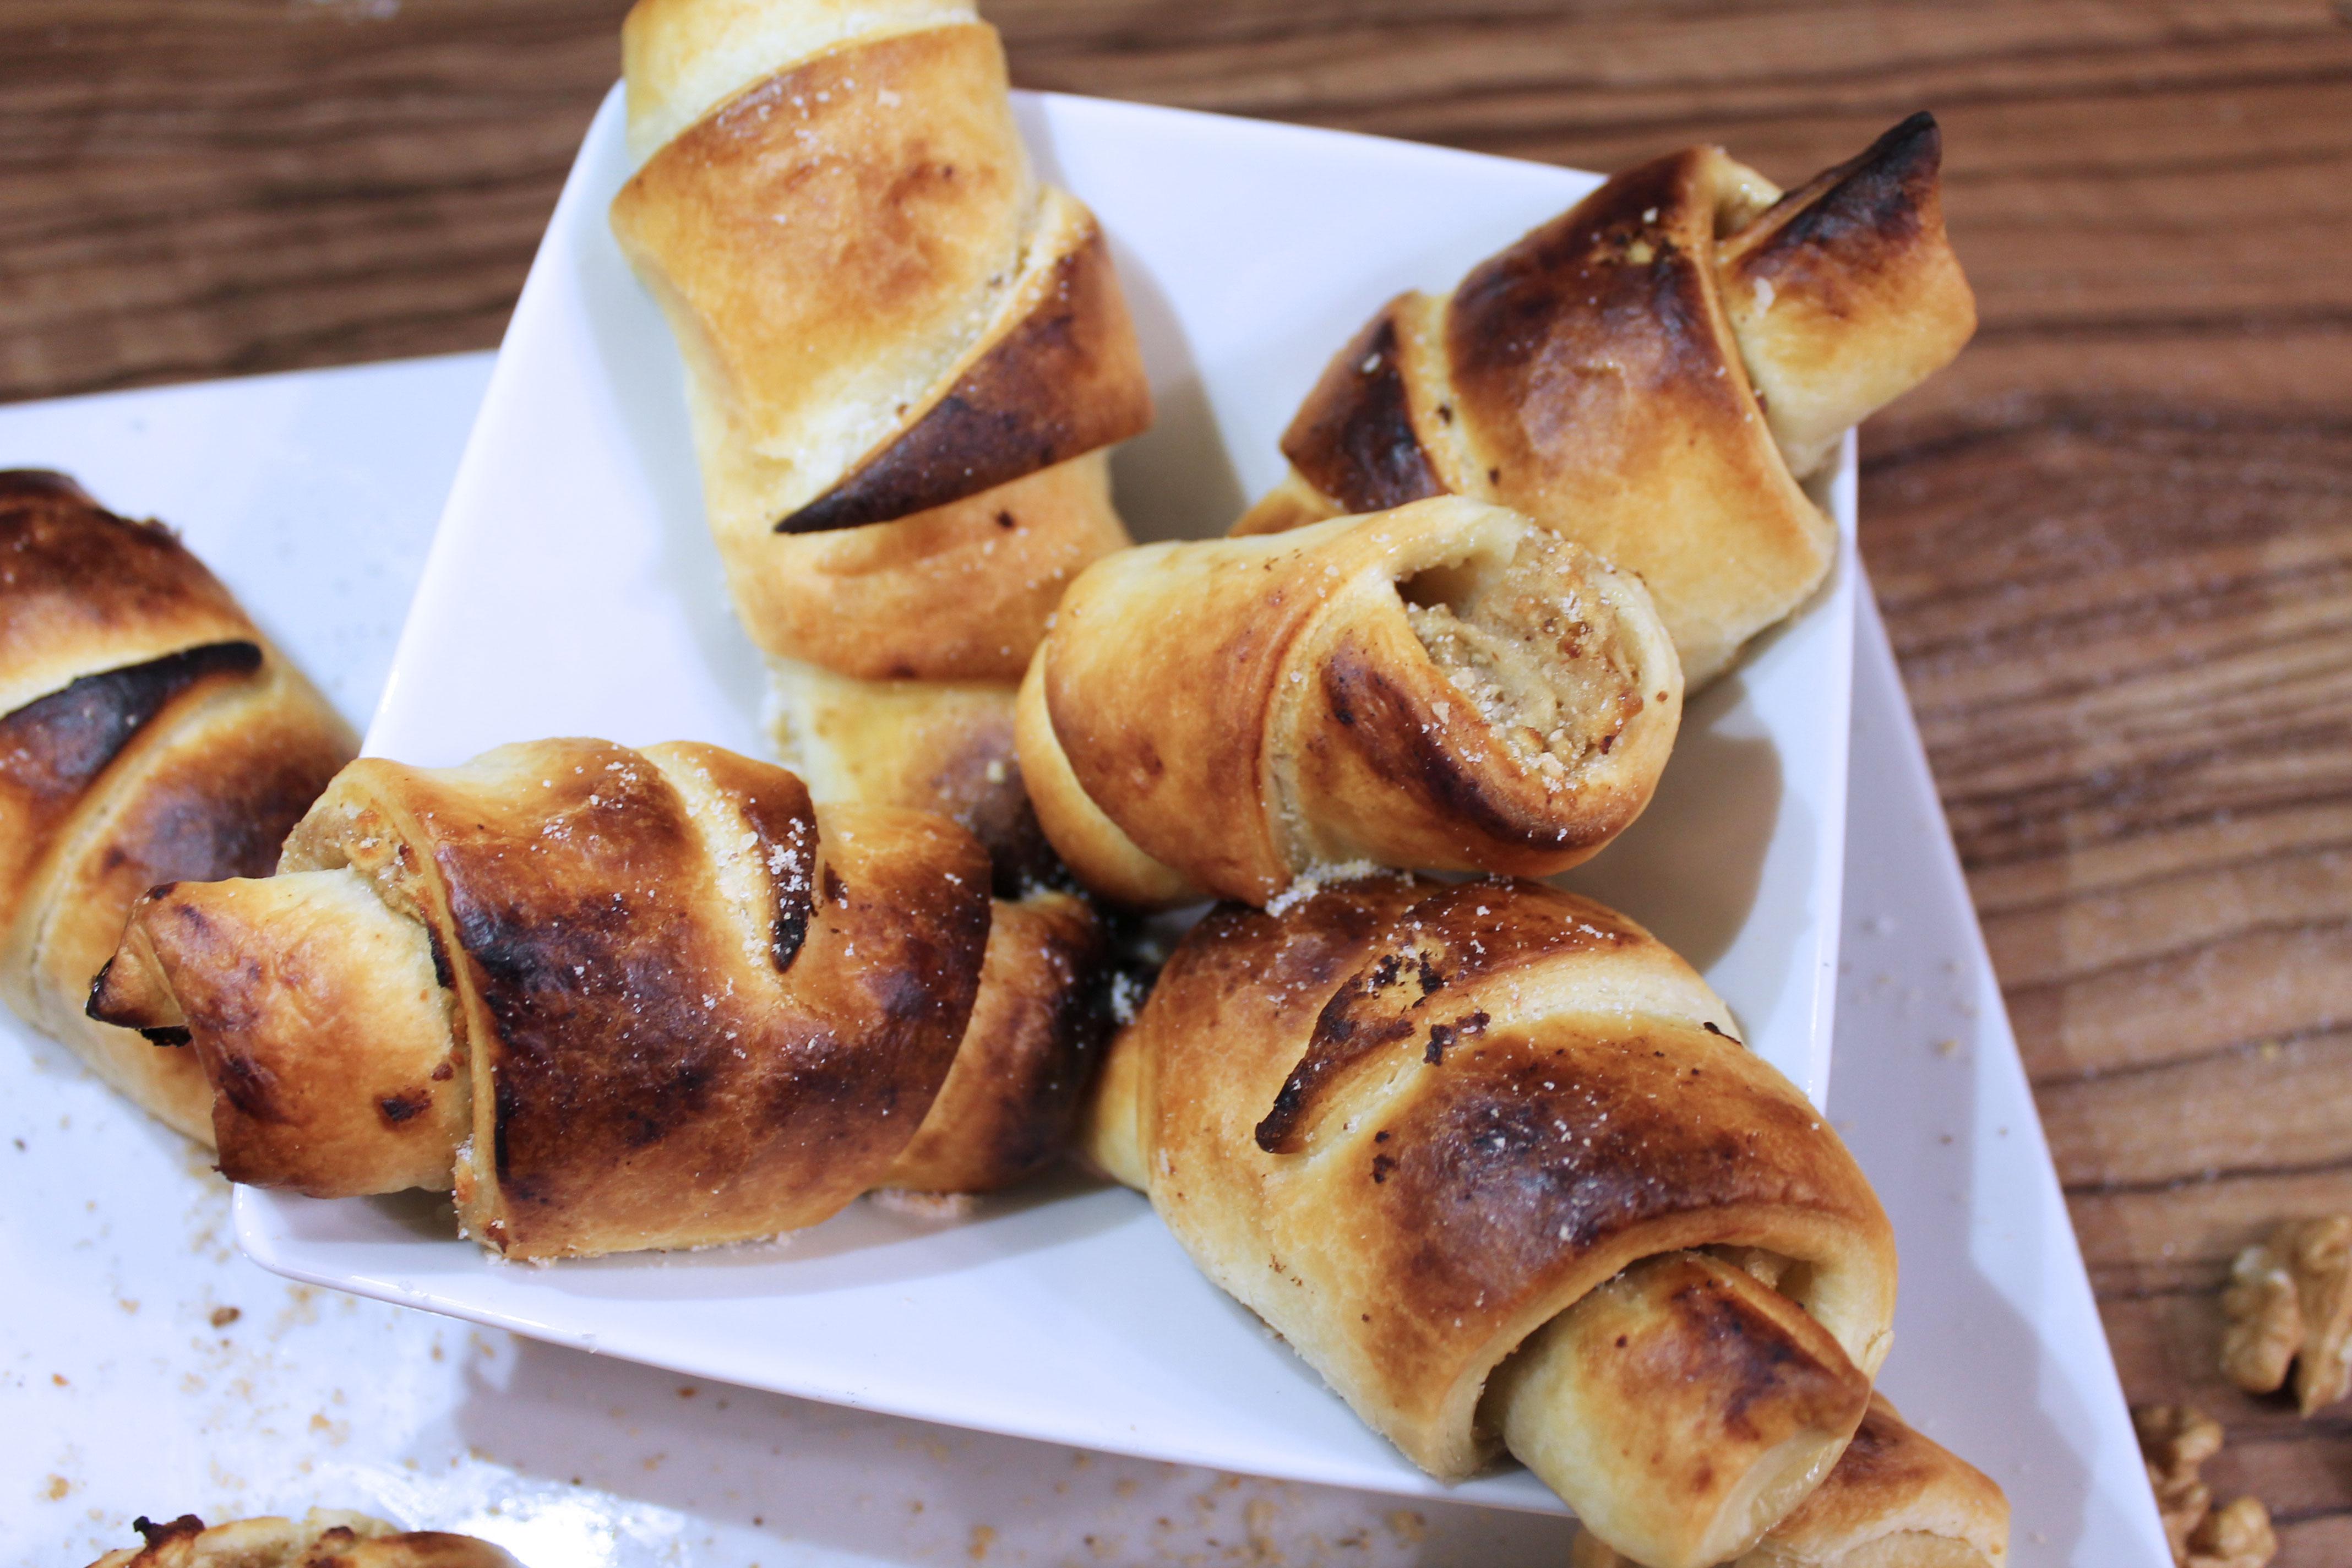 apfelnussroellchen-apfel-nuss-rollchen-blogparade-das-beste-kochrezept-fur-verliebte-kardiaserena-_